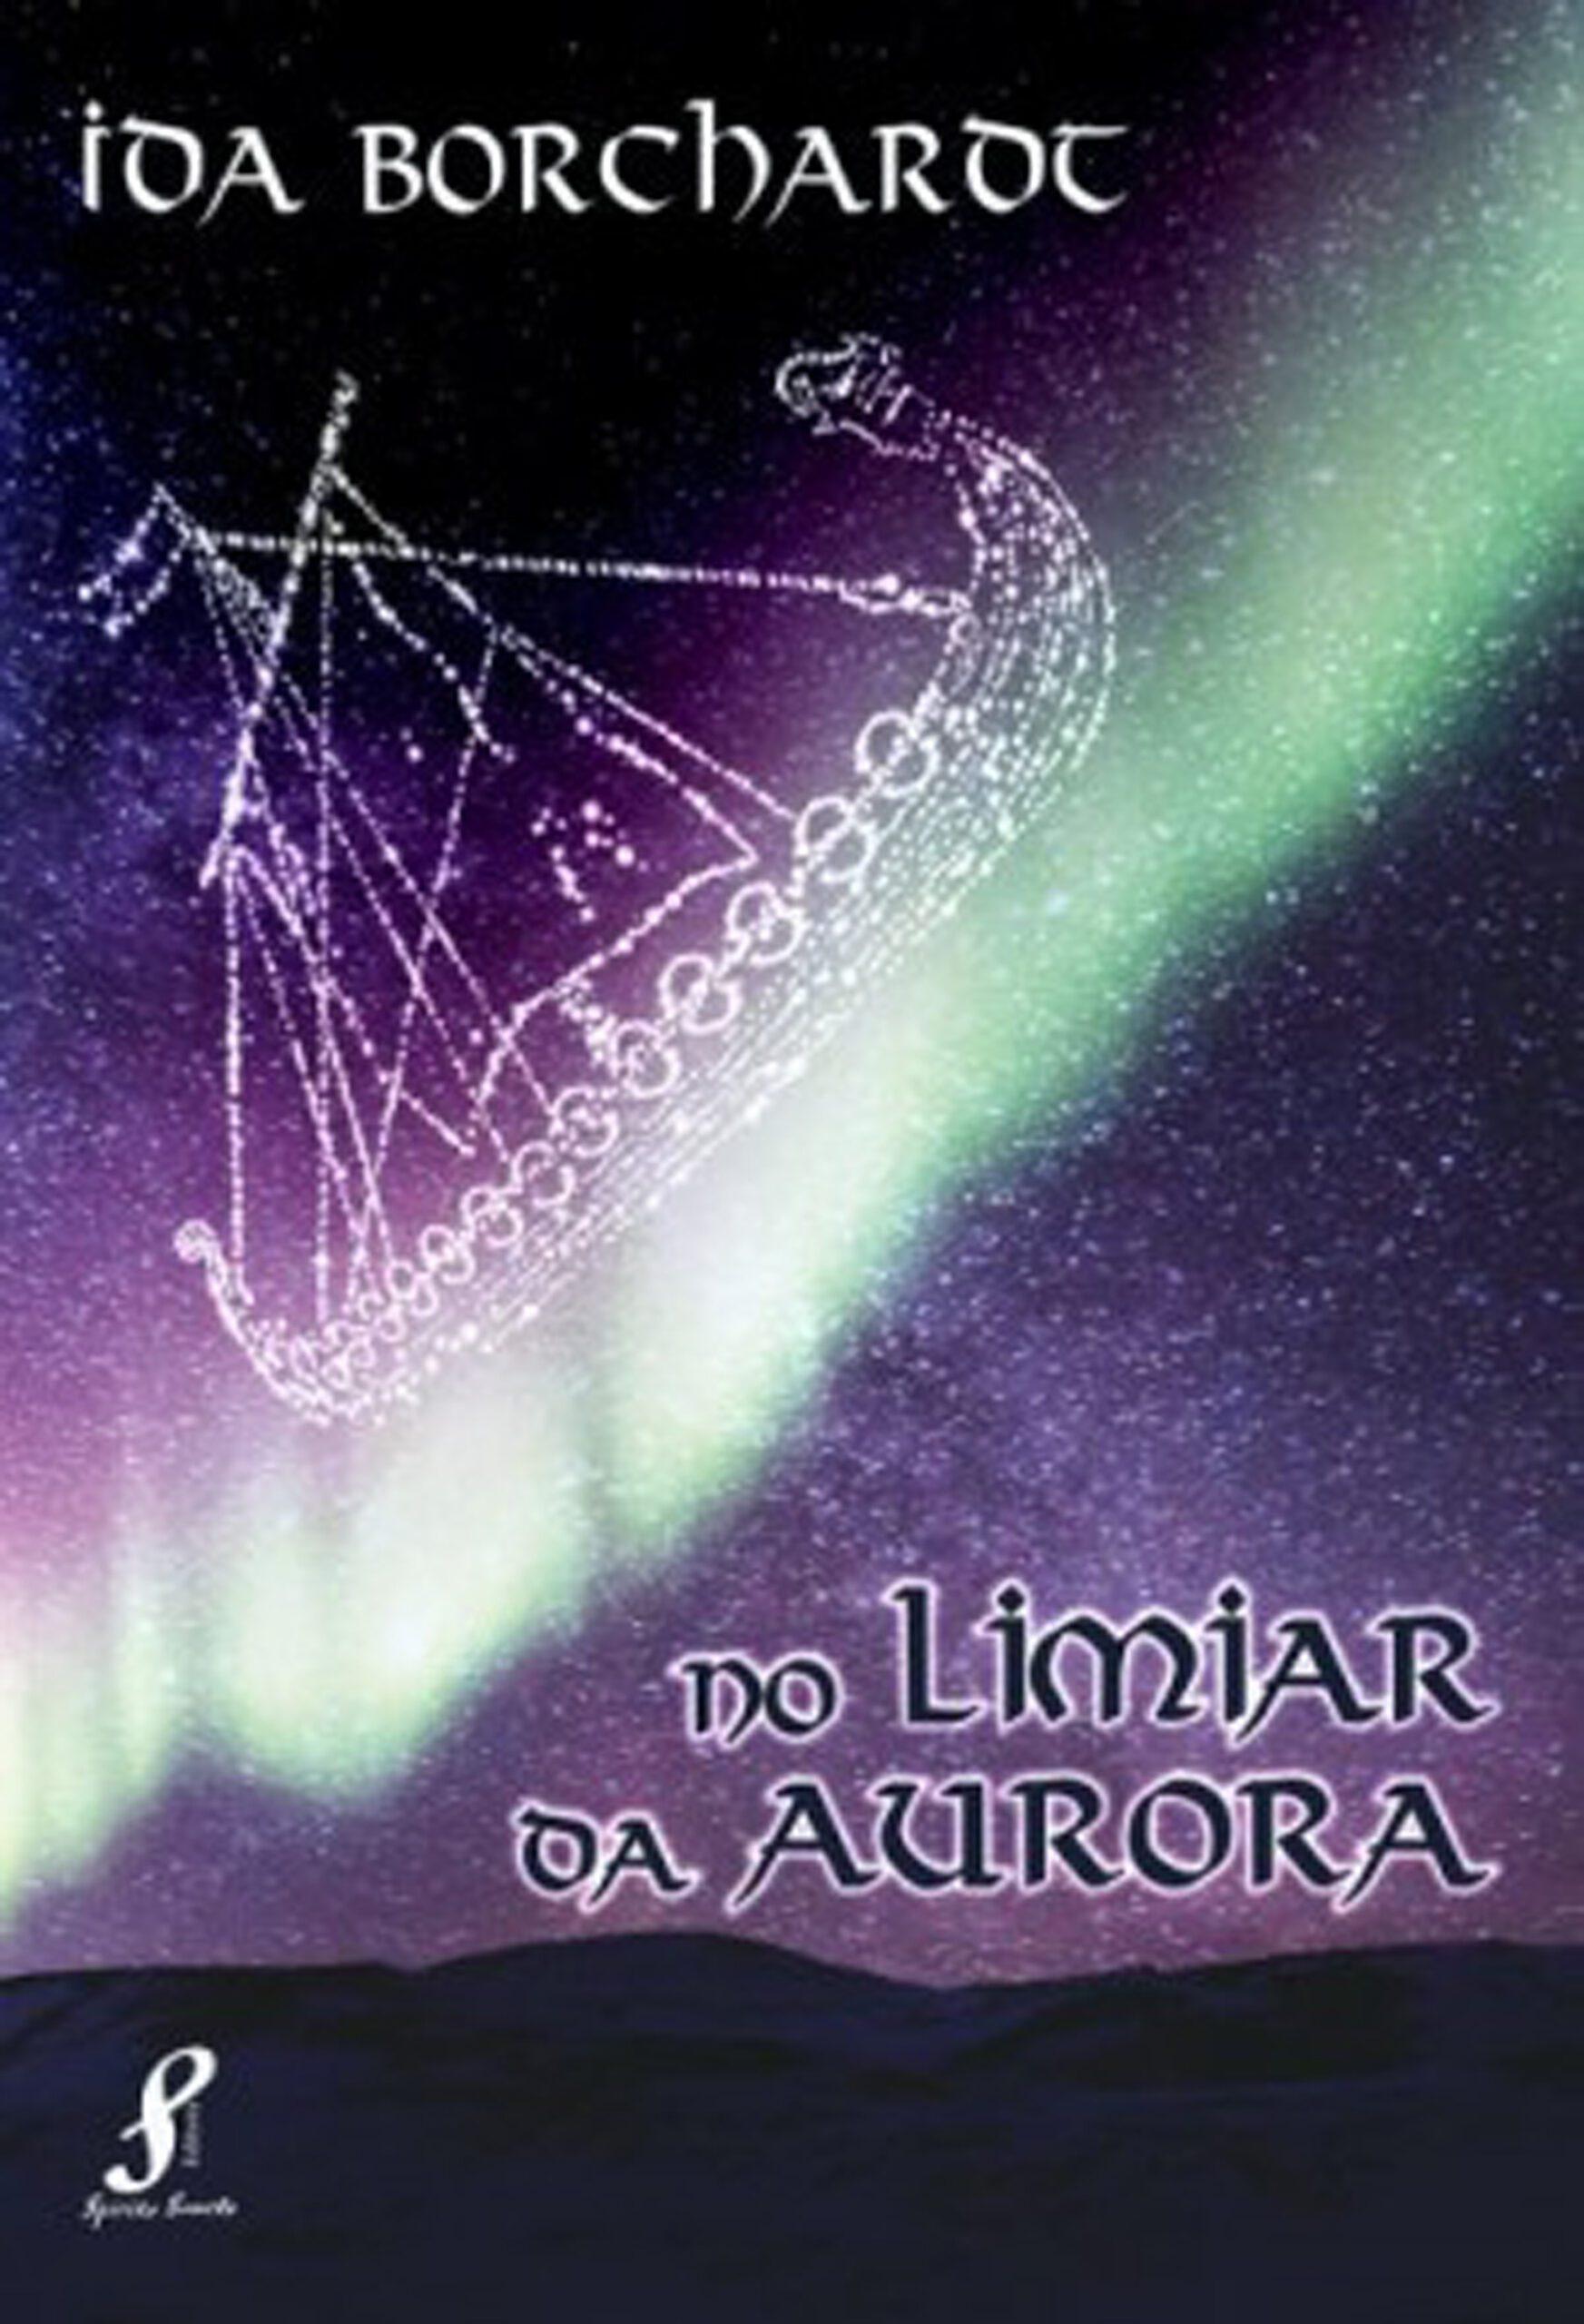 No Limiar da Aurora